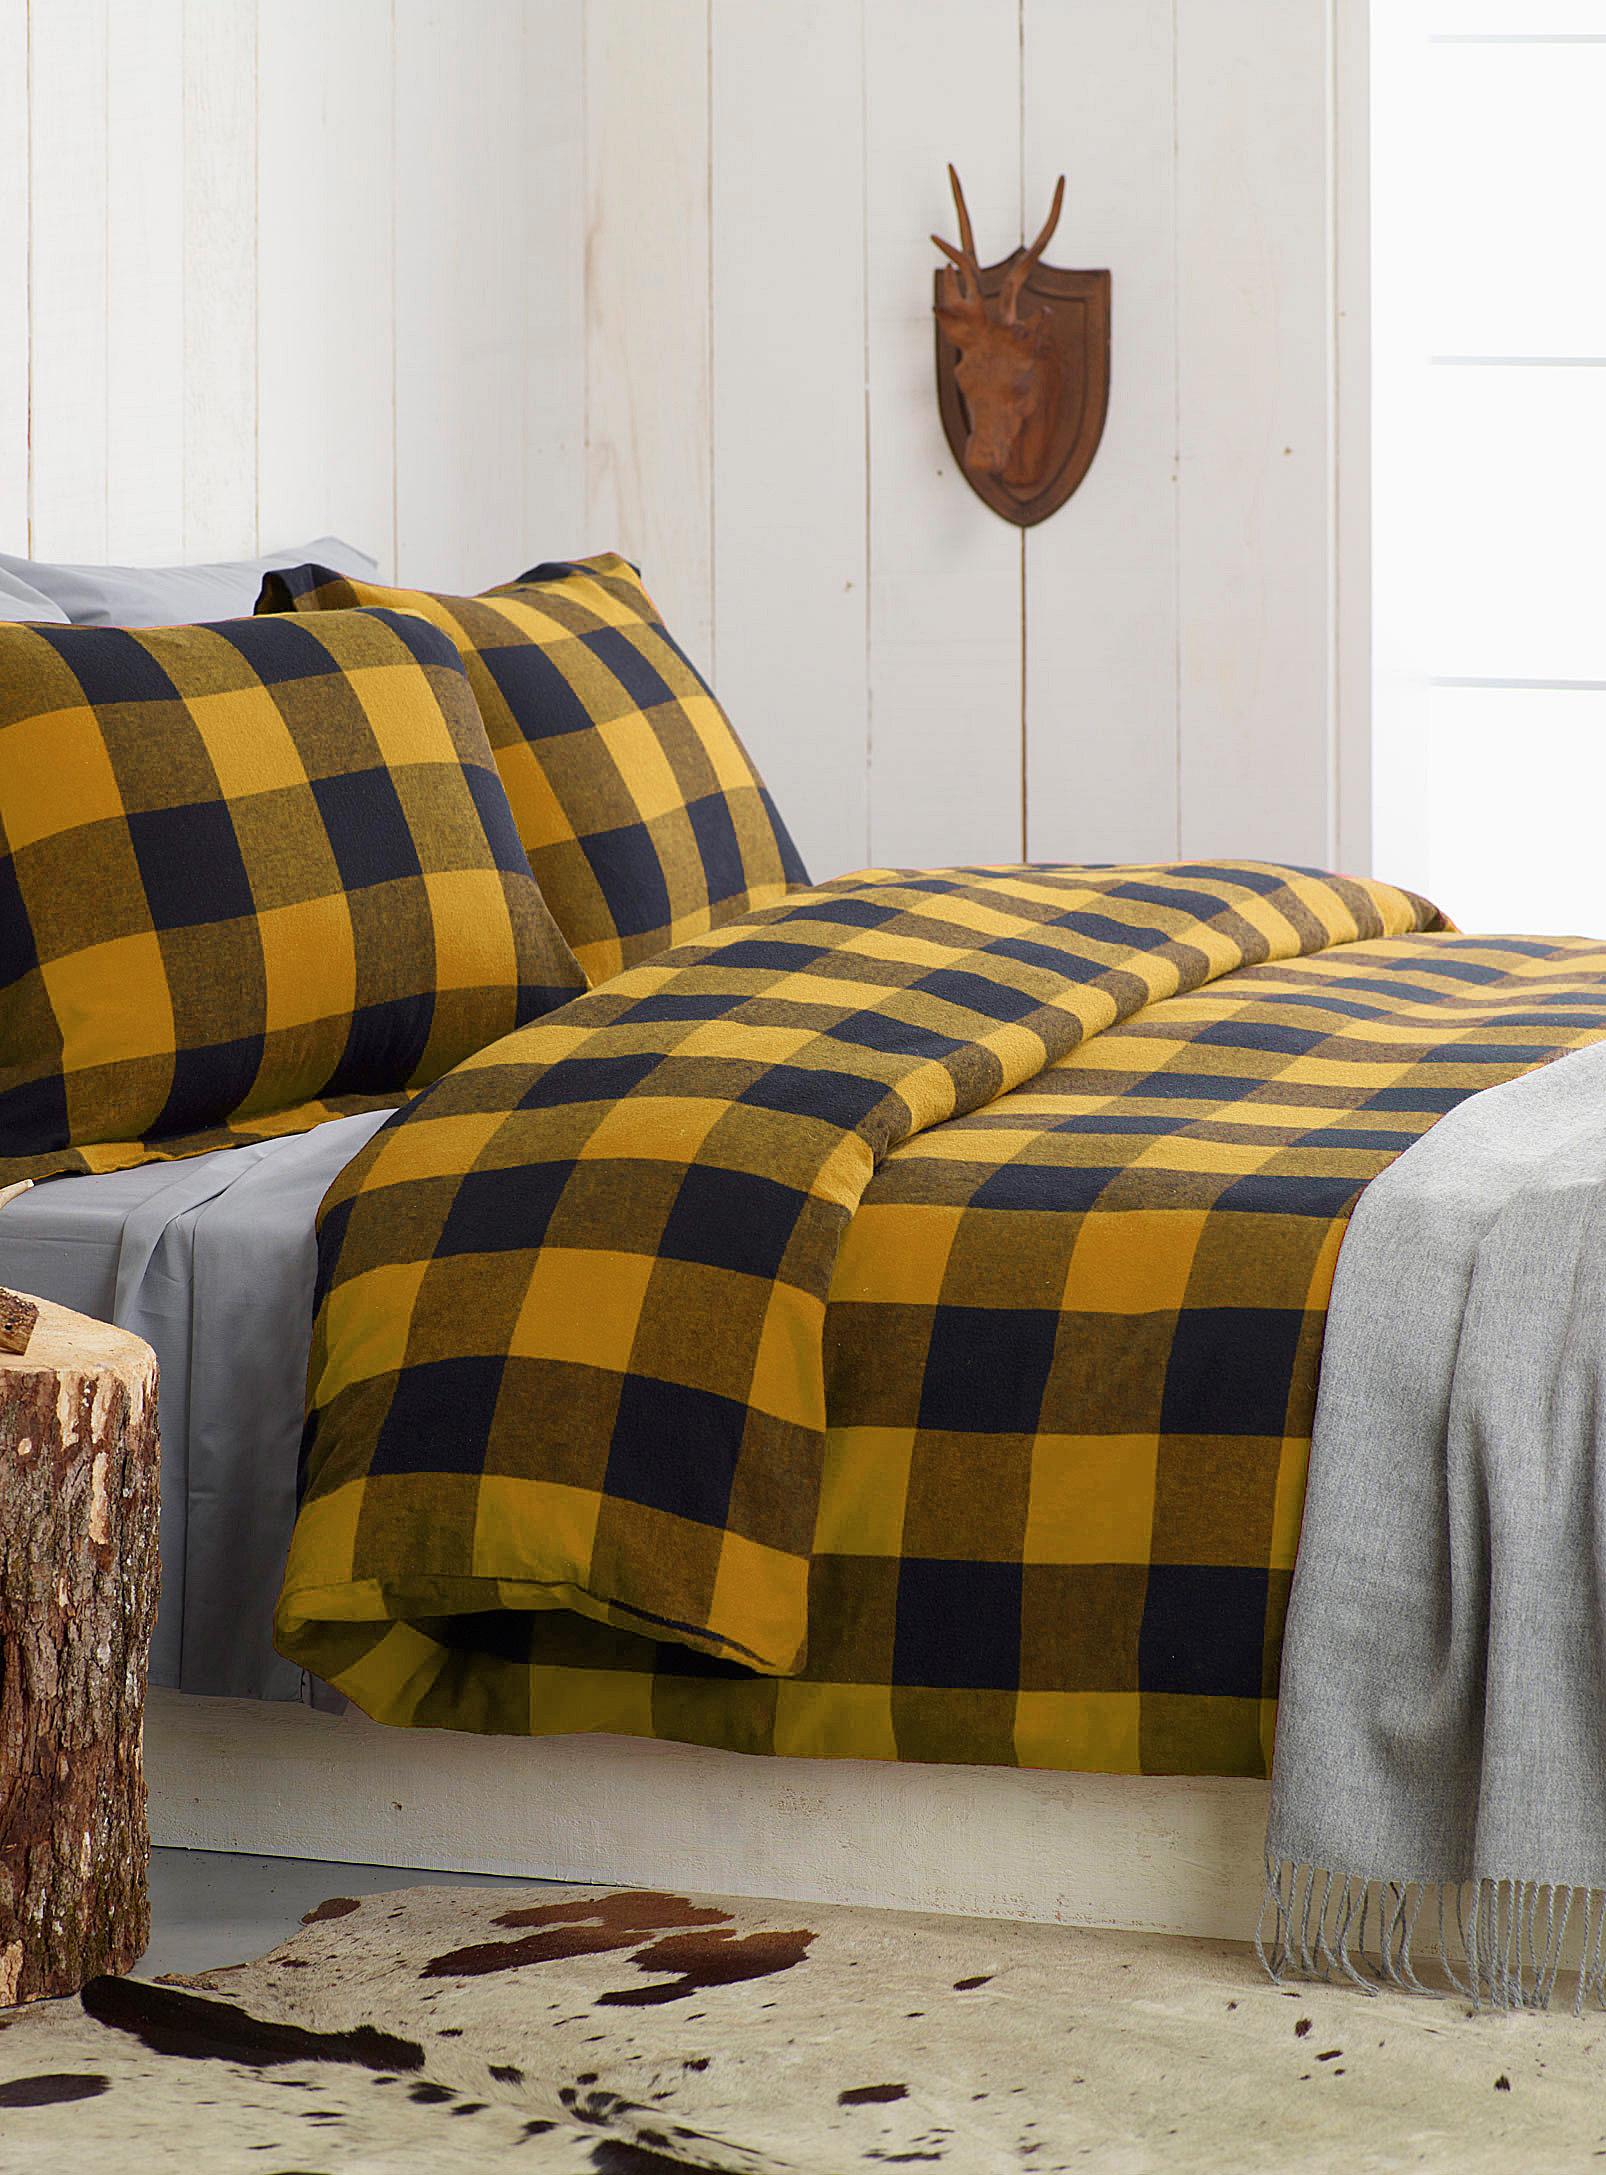 chambre à coucher, housse de couette, jaune, carreau, décoration, maison